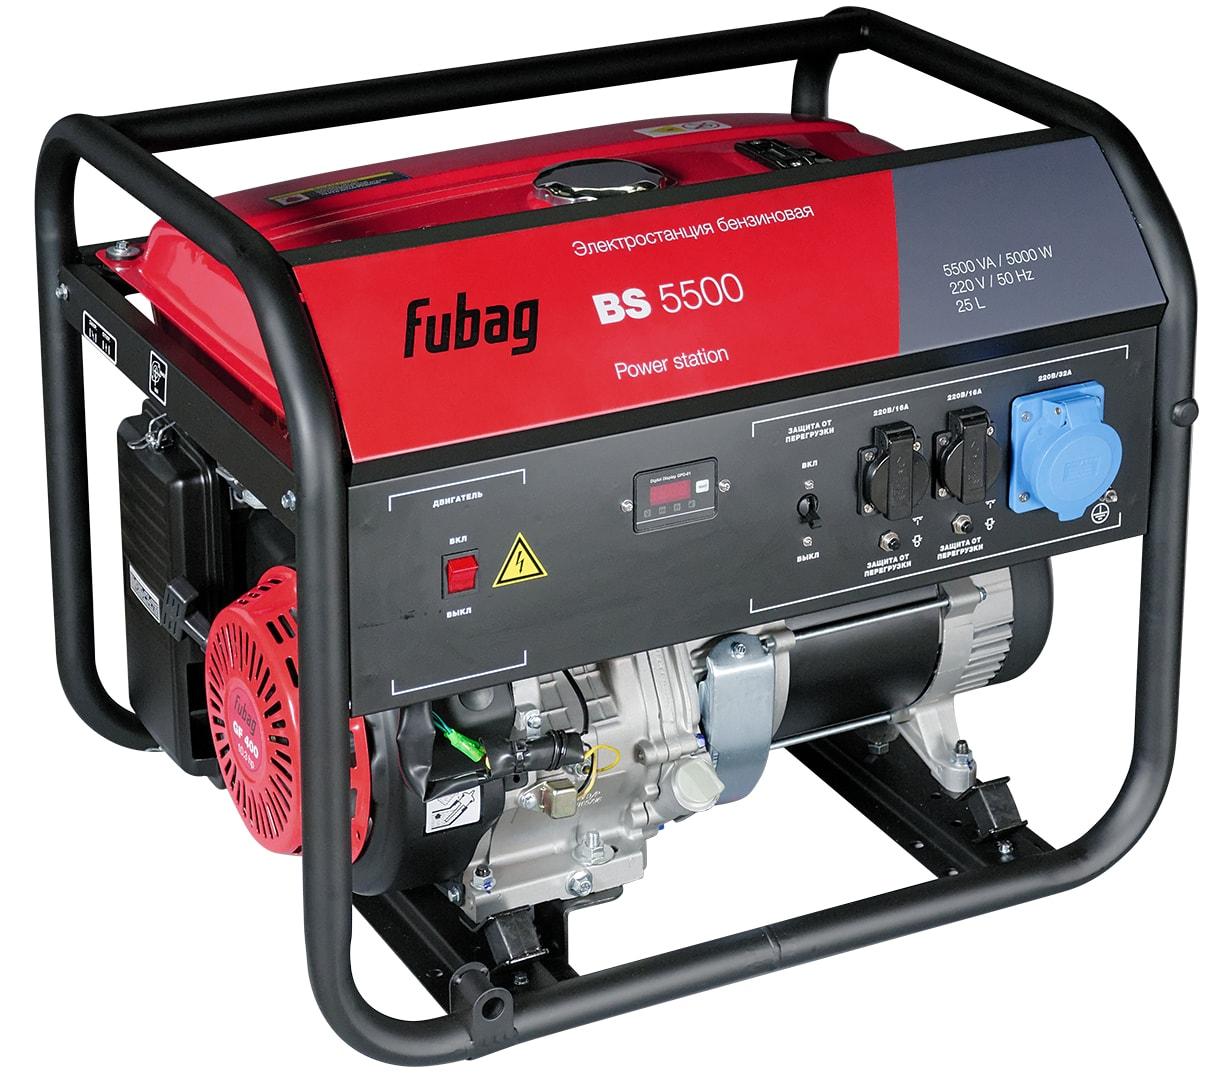 бензиновая электростанция fubag bs 5500